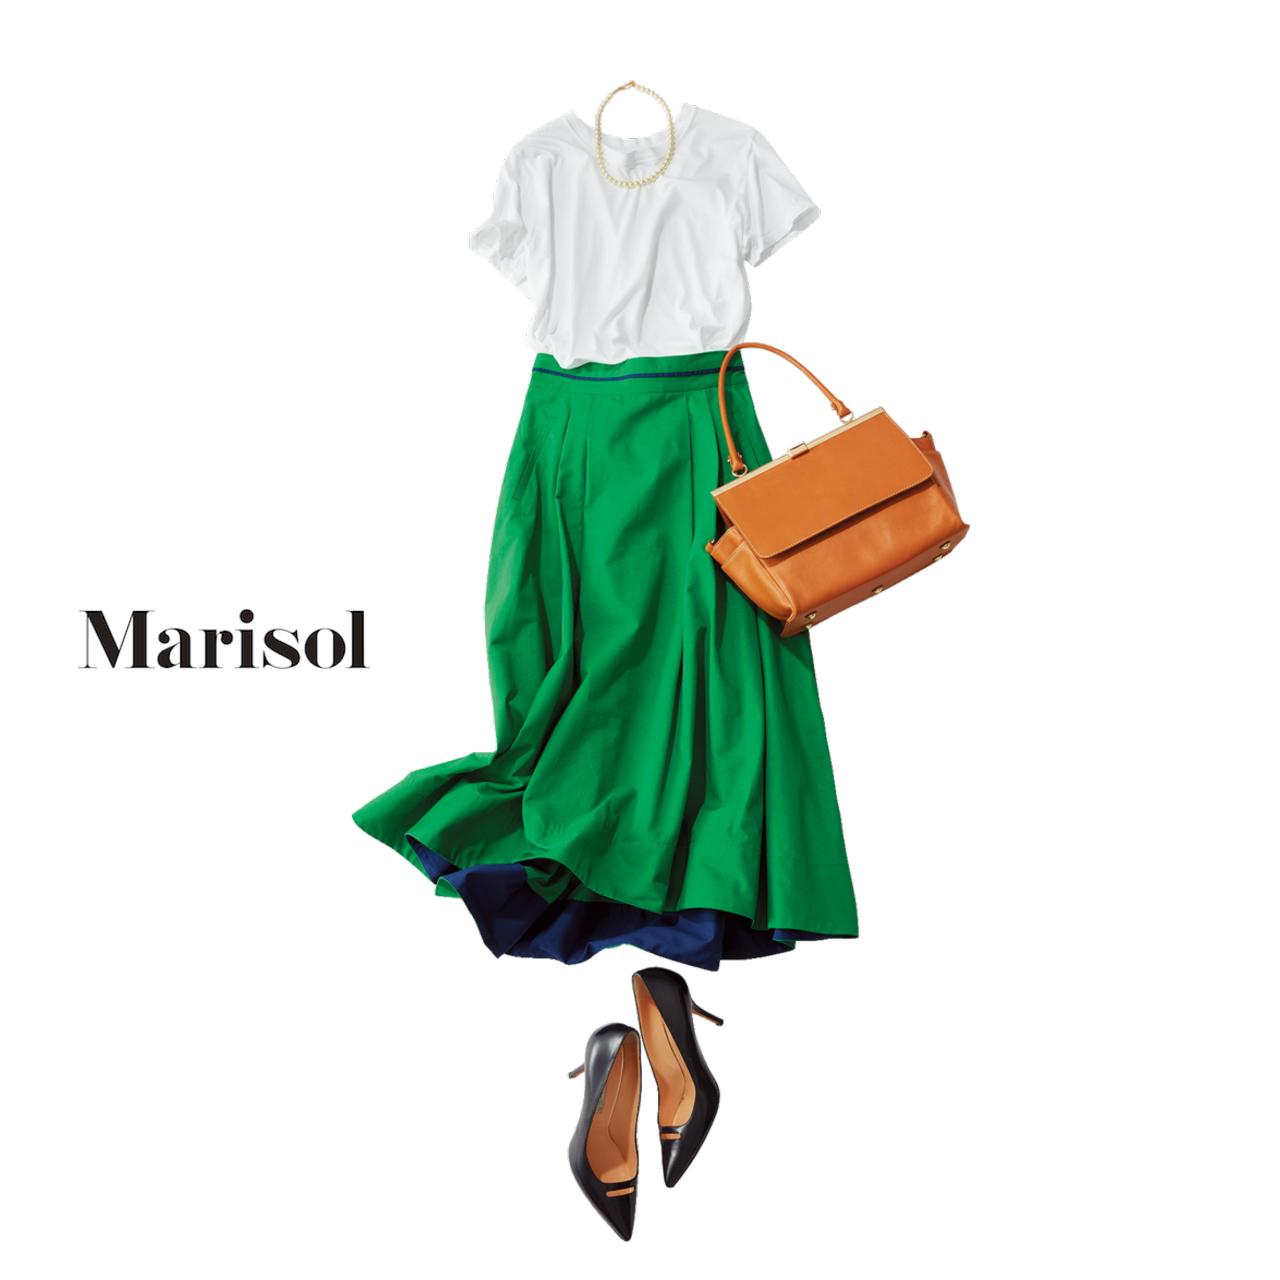 シンプルな白Tシャツ×グリーンスカートコーデ